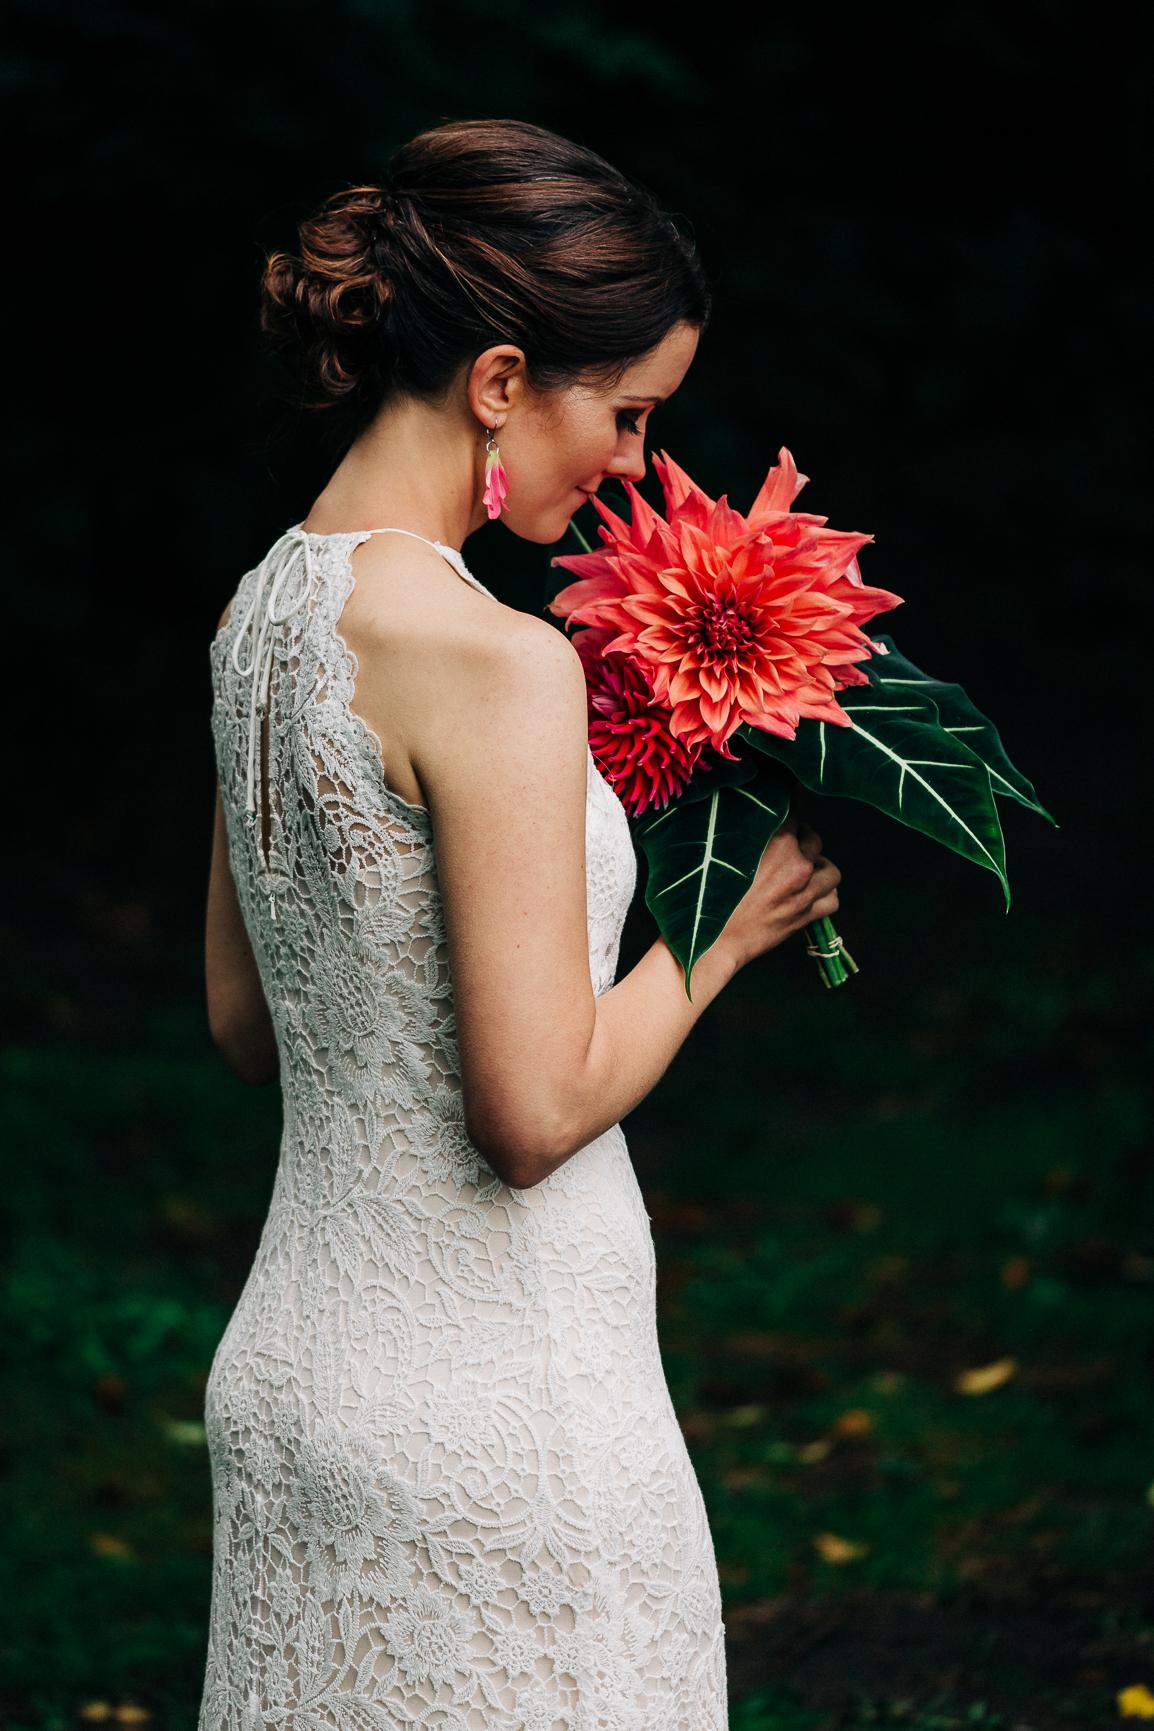 Bridal Session During Vashon Wedding